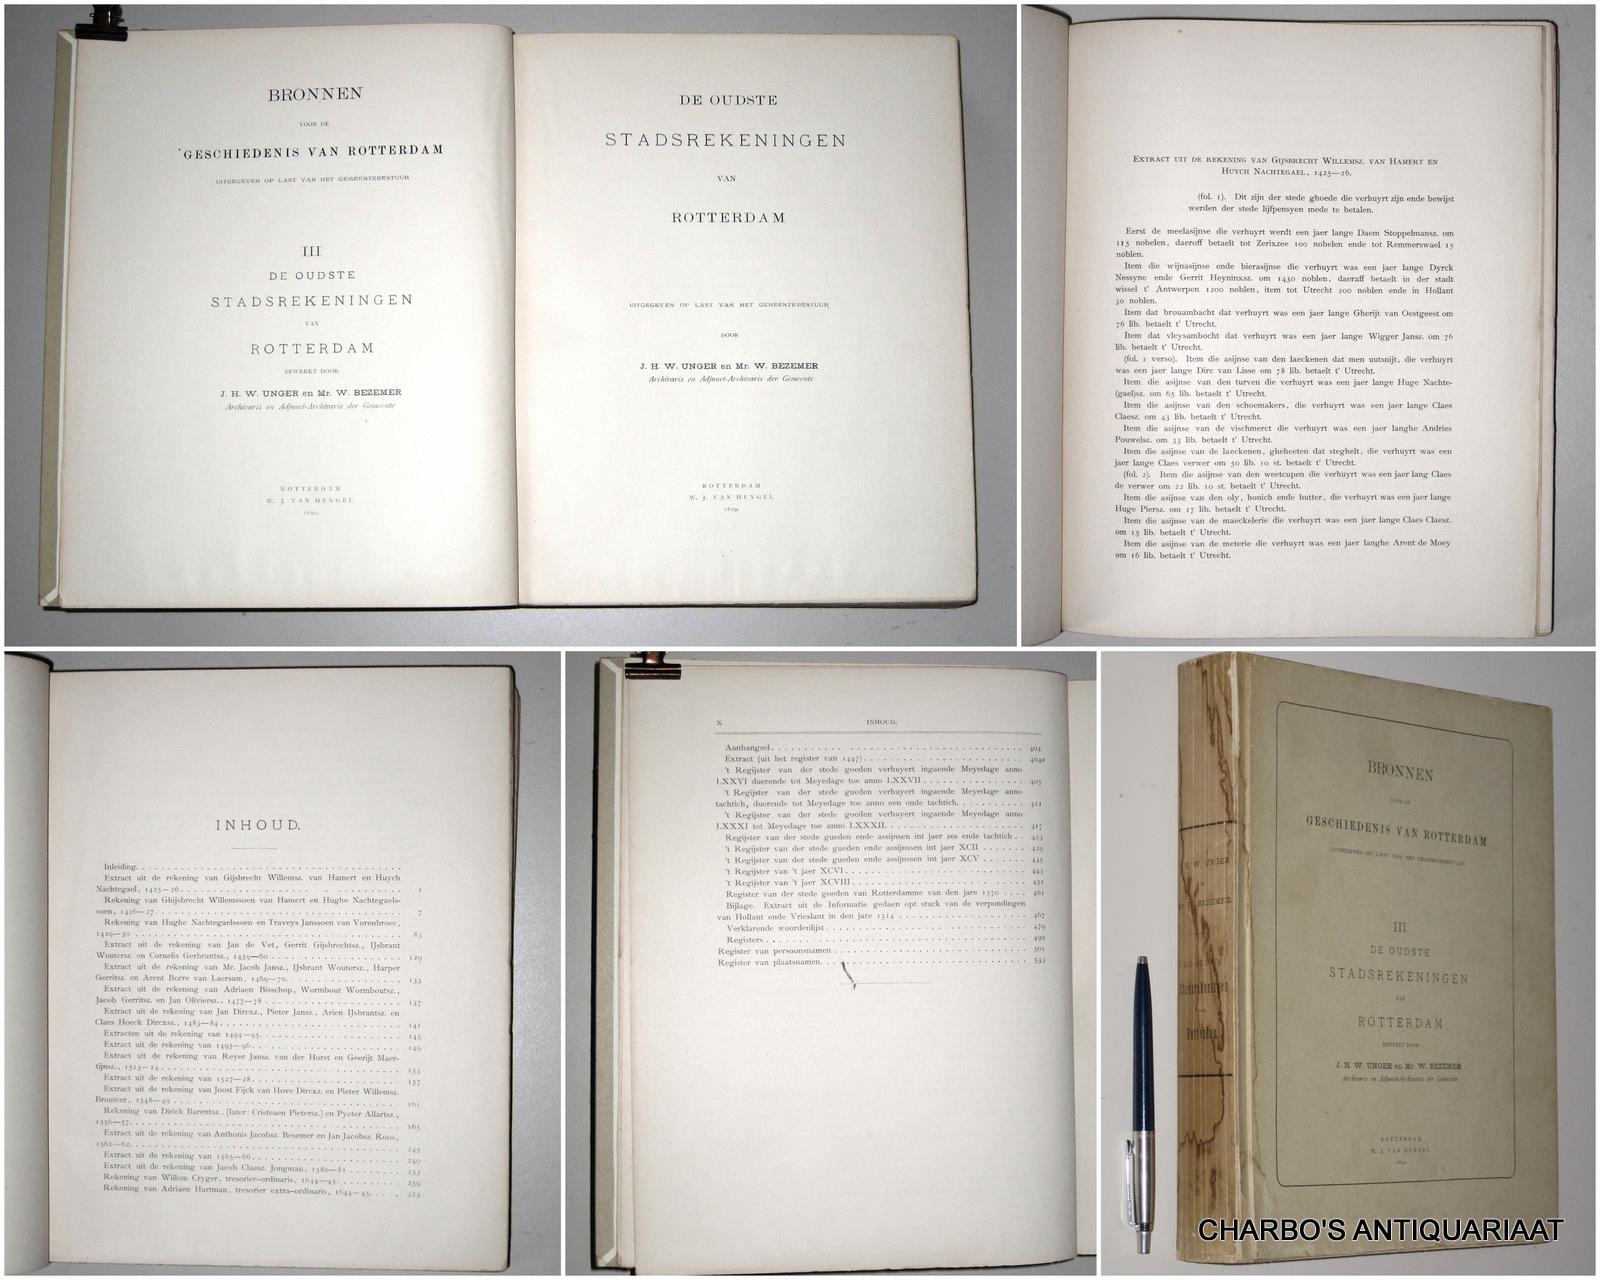 UNGER, J.H.W. & BEZEMER, W. (UITG.), -  Bronnen voor de geschiedenis van Rotterdam. III: De oudste stadsrekeningen van Rotterdam.